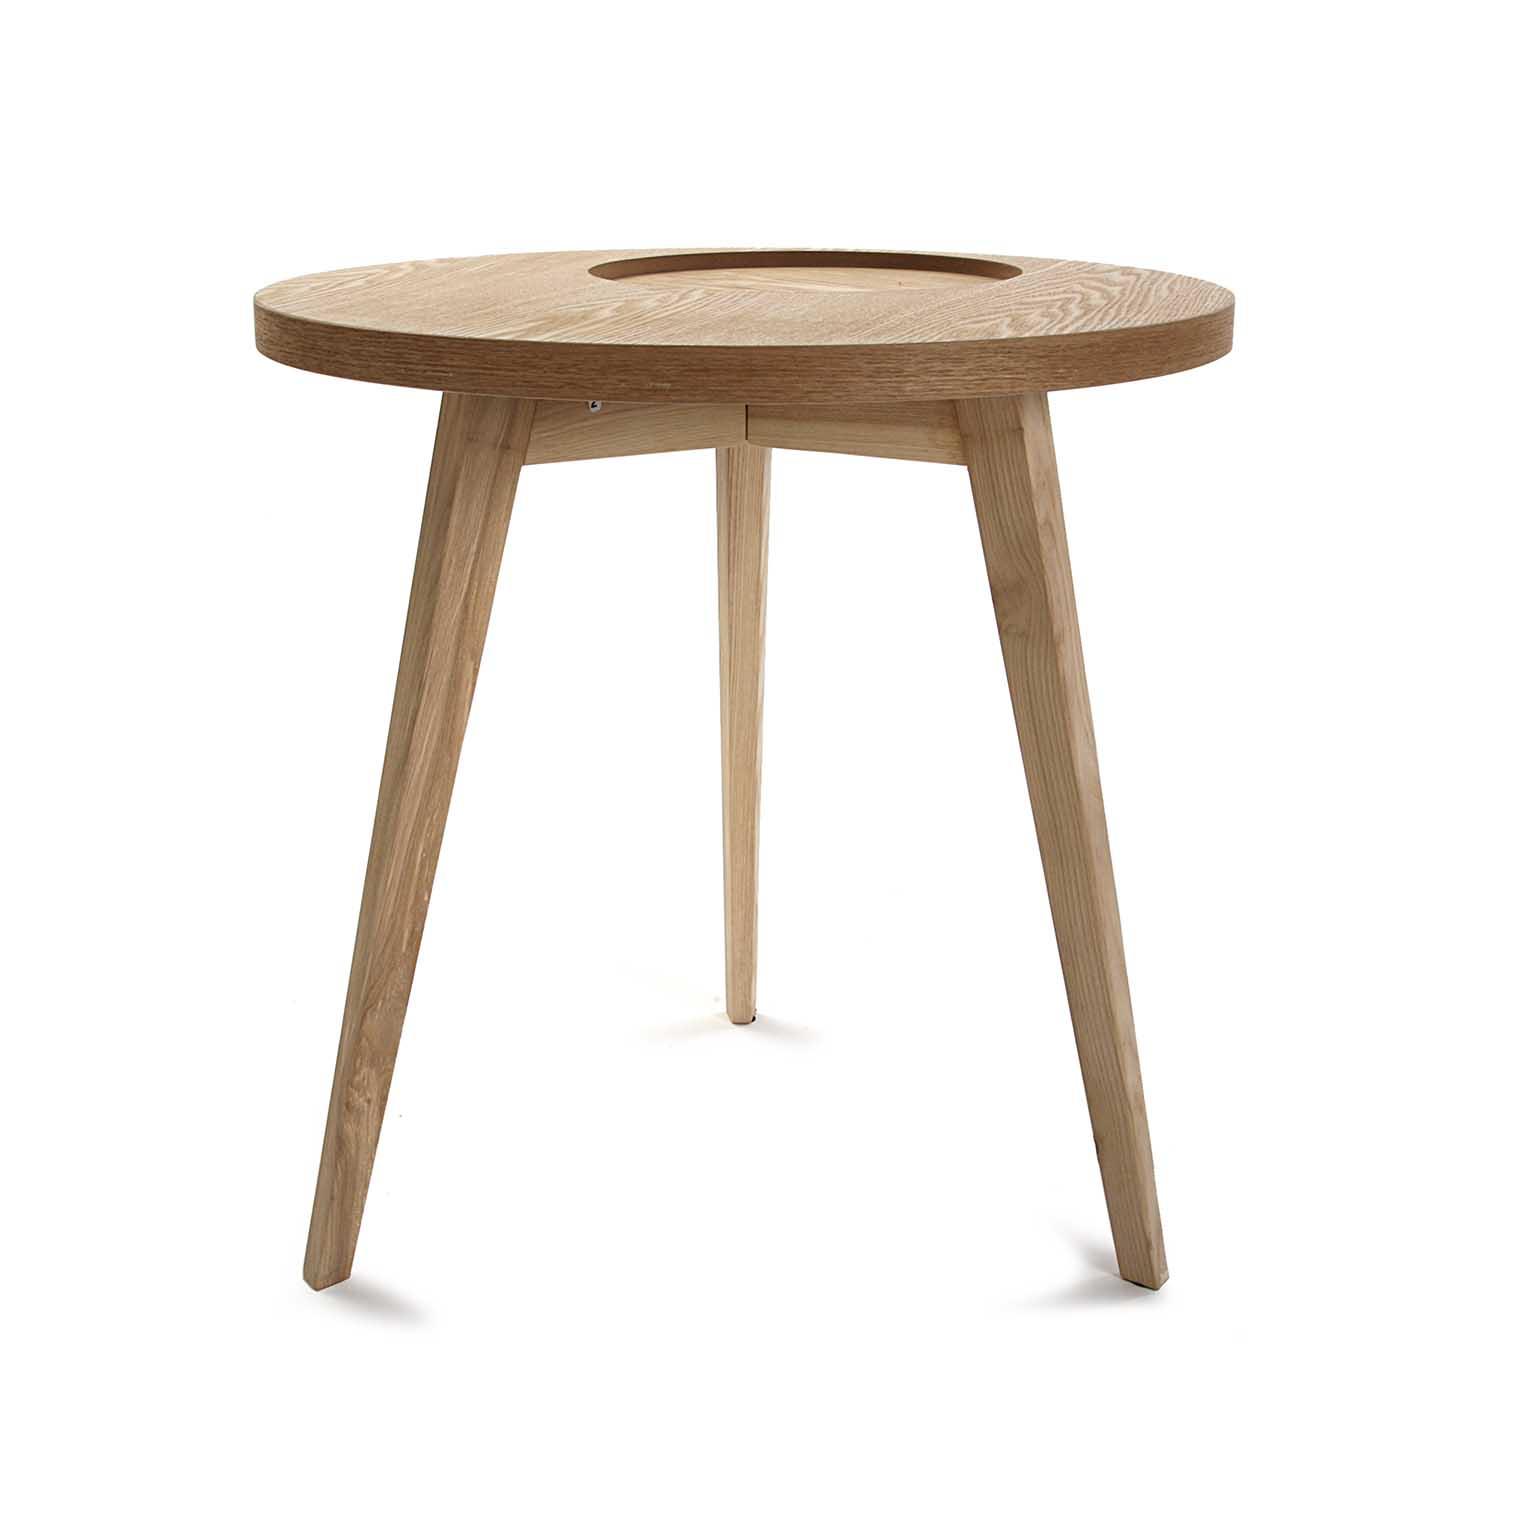 table de chevet bout de canape style scandinave en bois clair evide forme ronde d50xh50cm